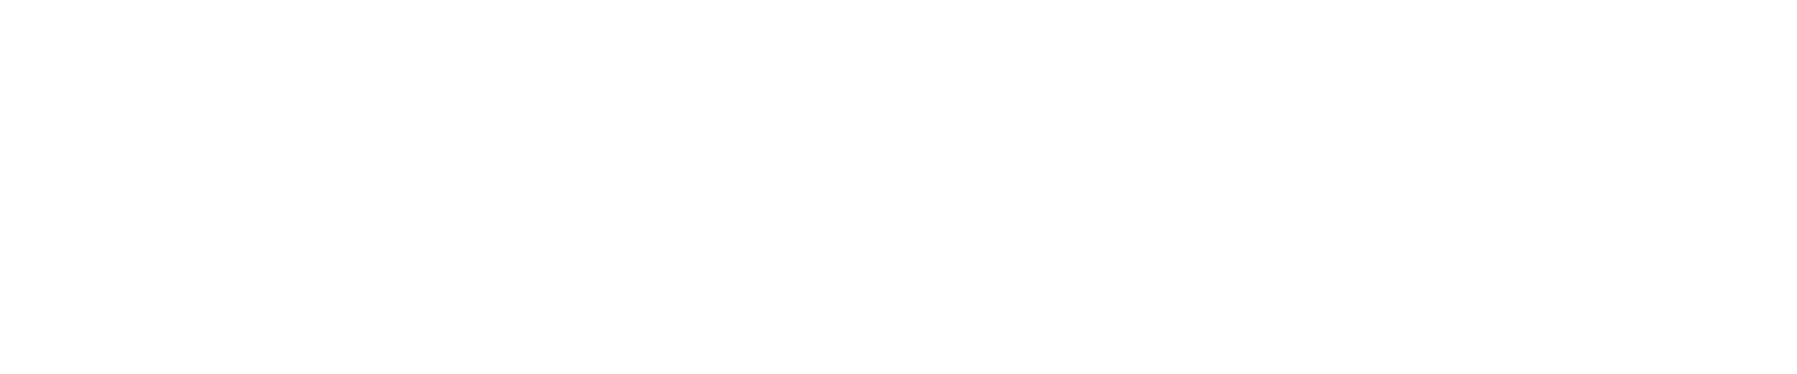 pumppo